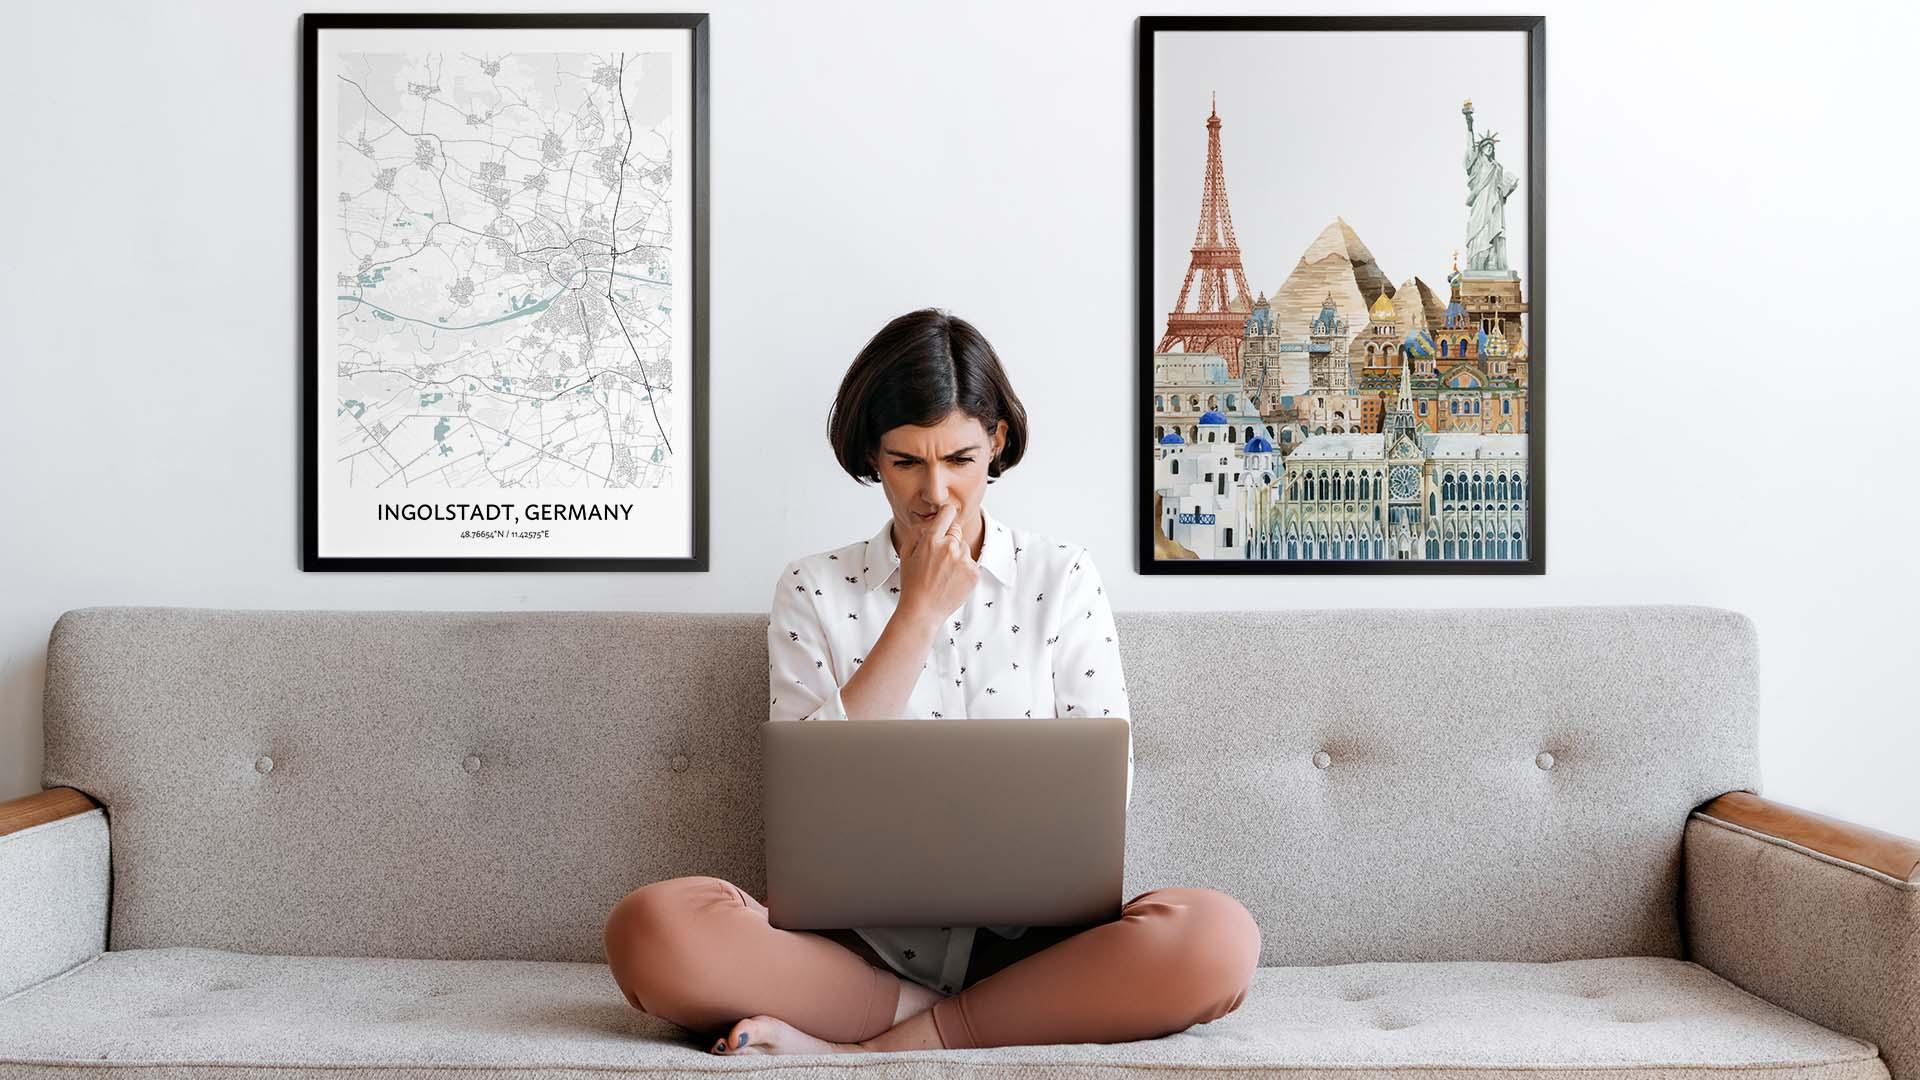 Ingolstadt city map art